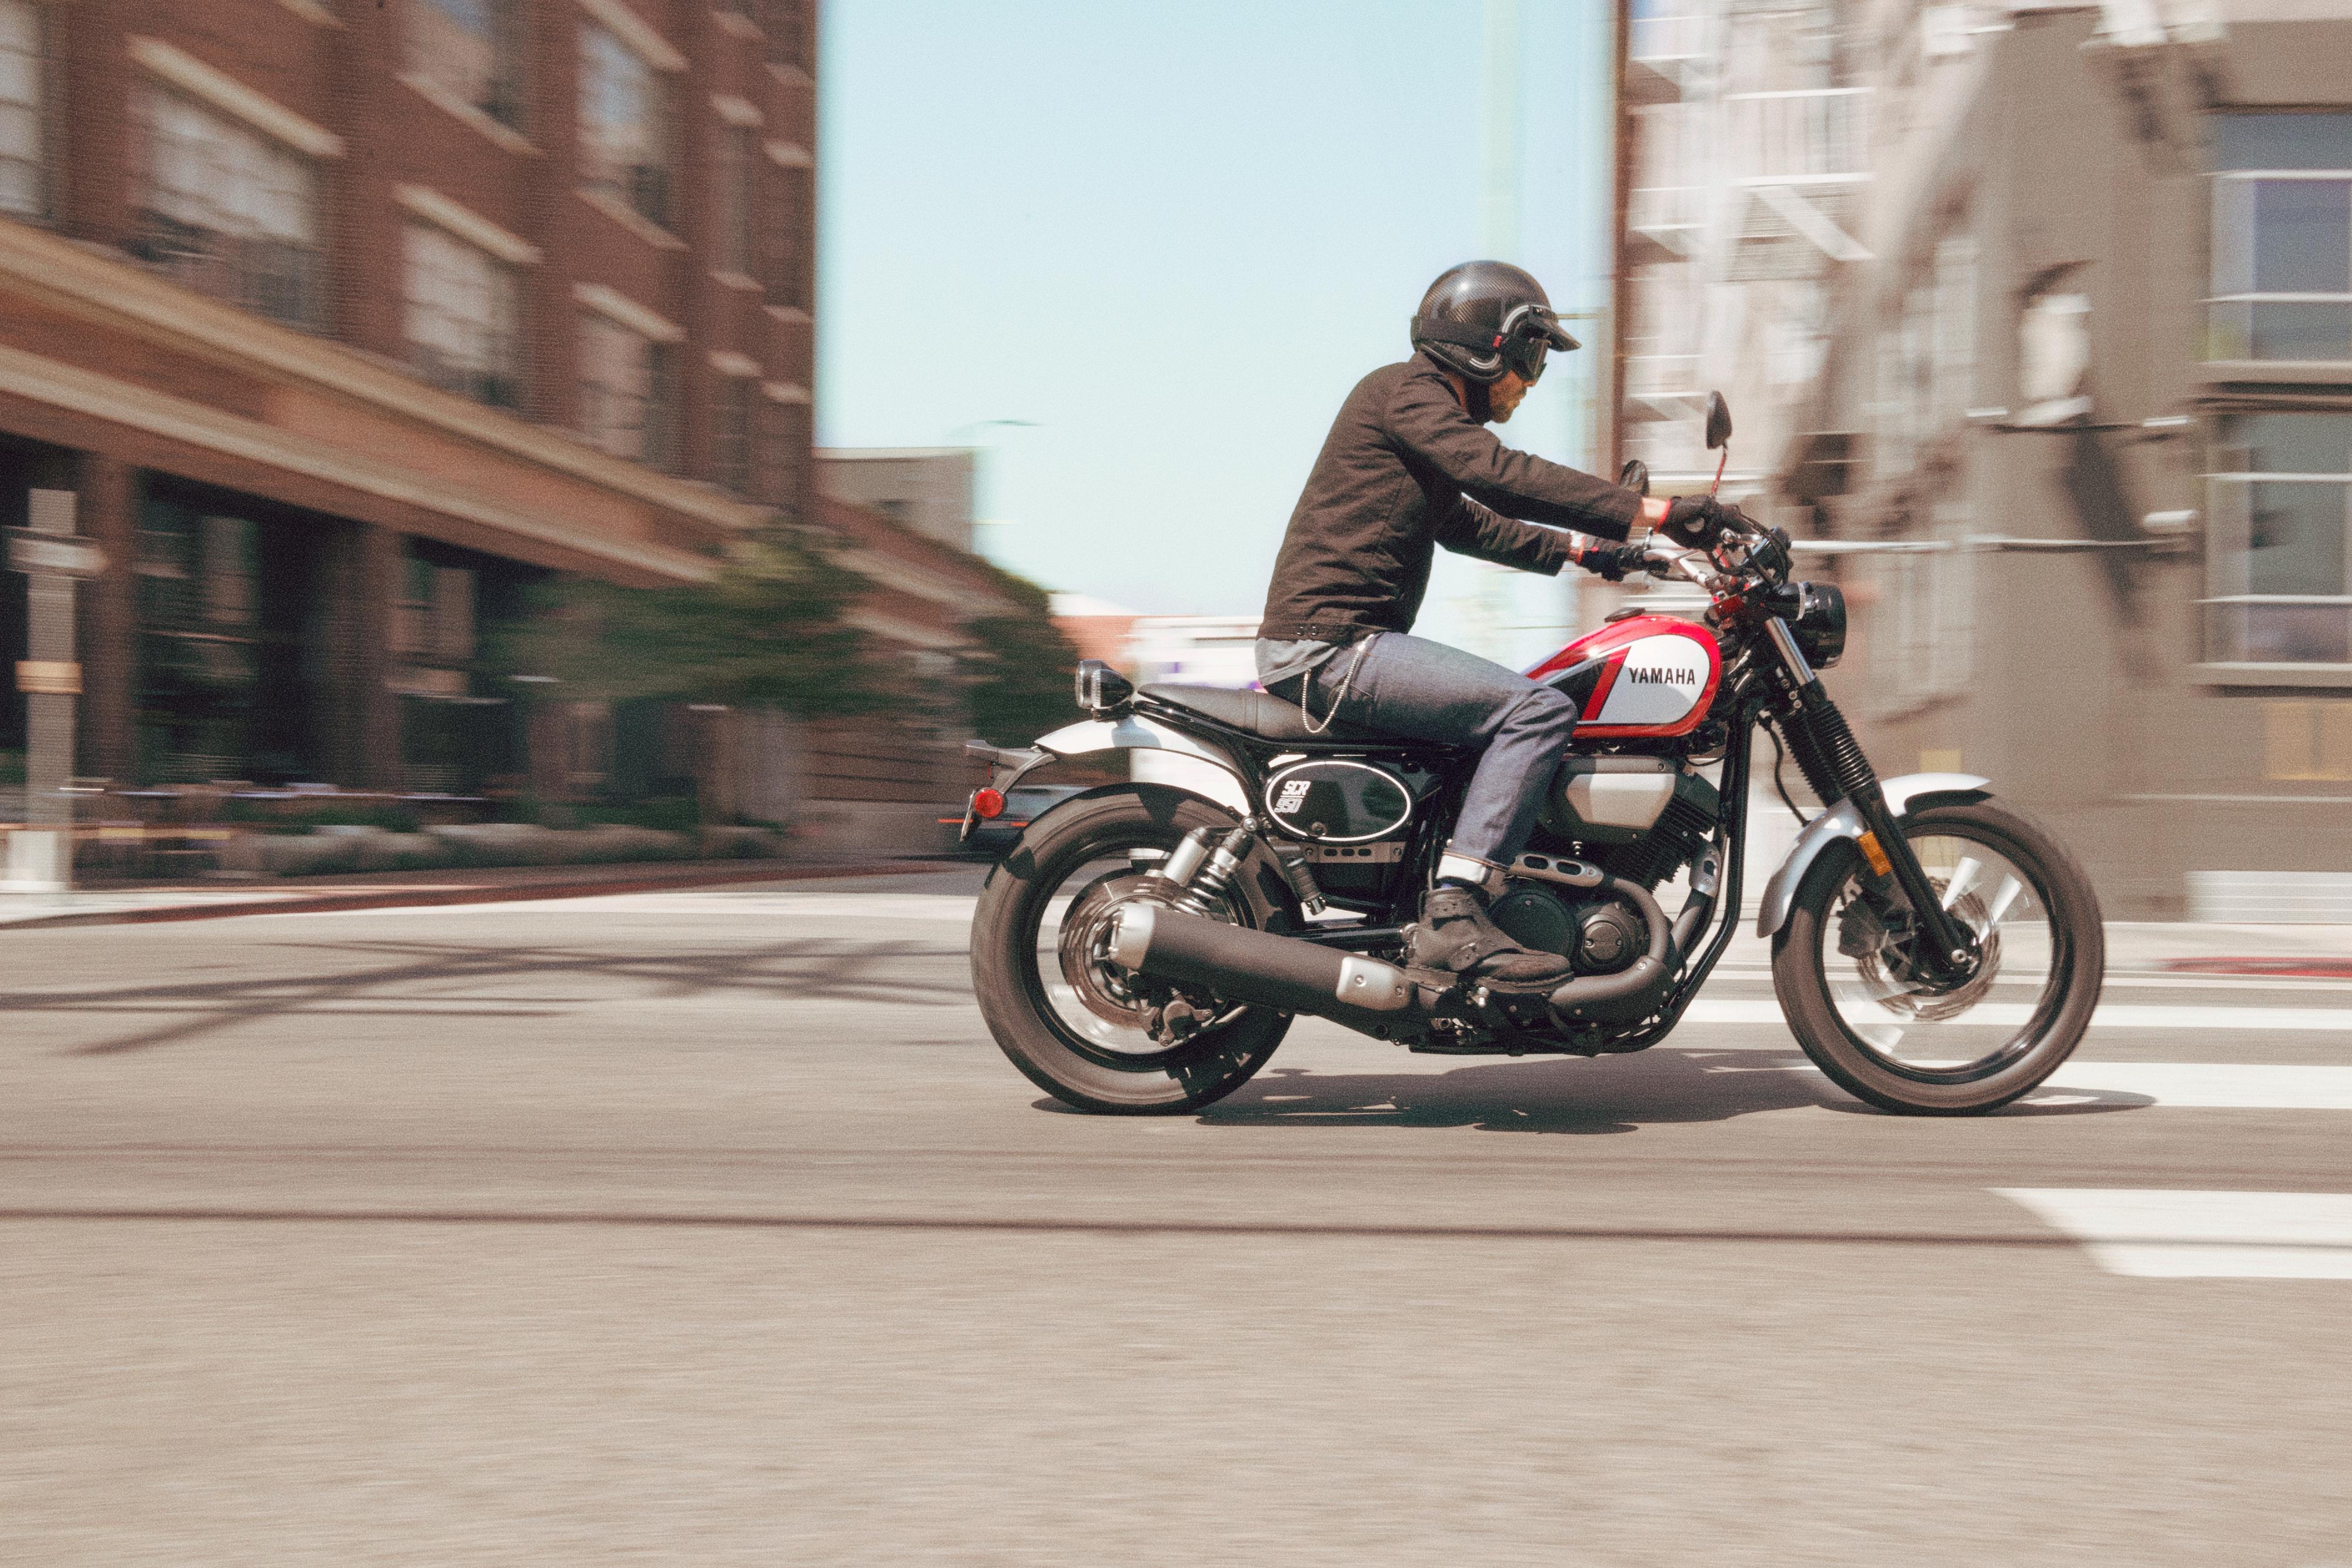 Nova Yamaha Sport Heritage SCR950